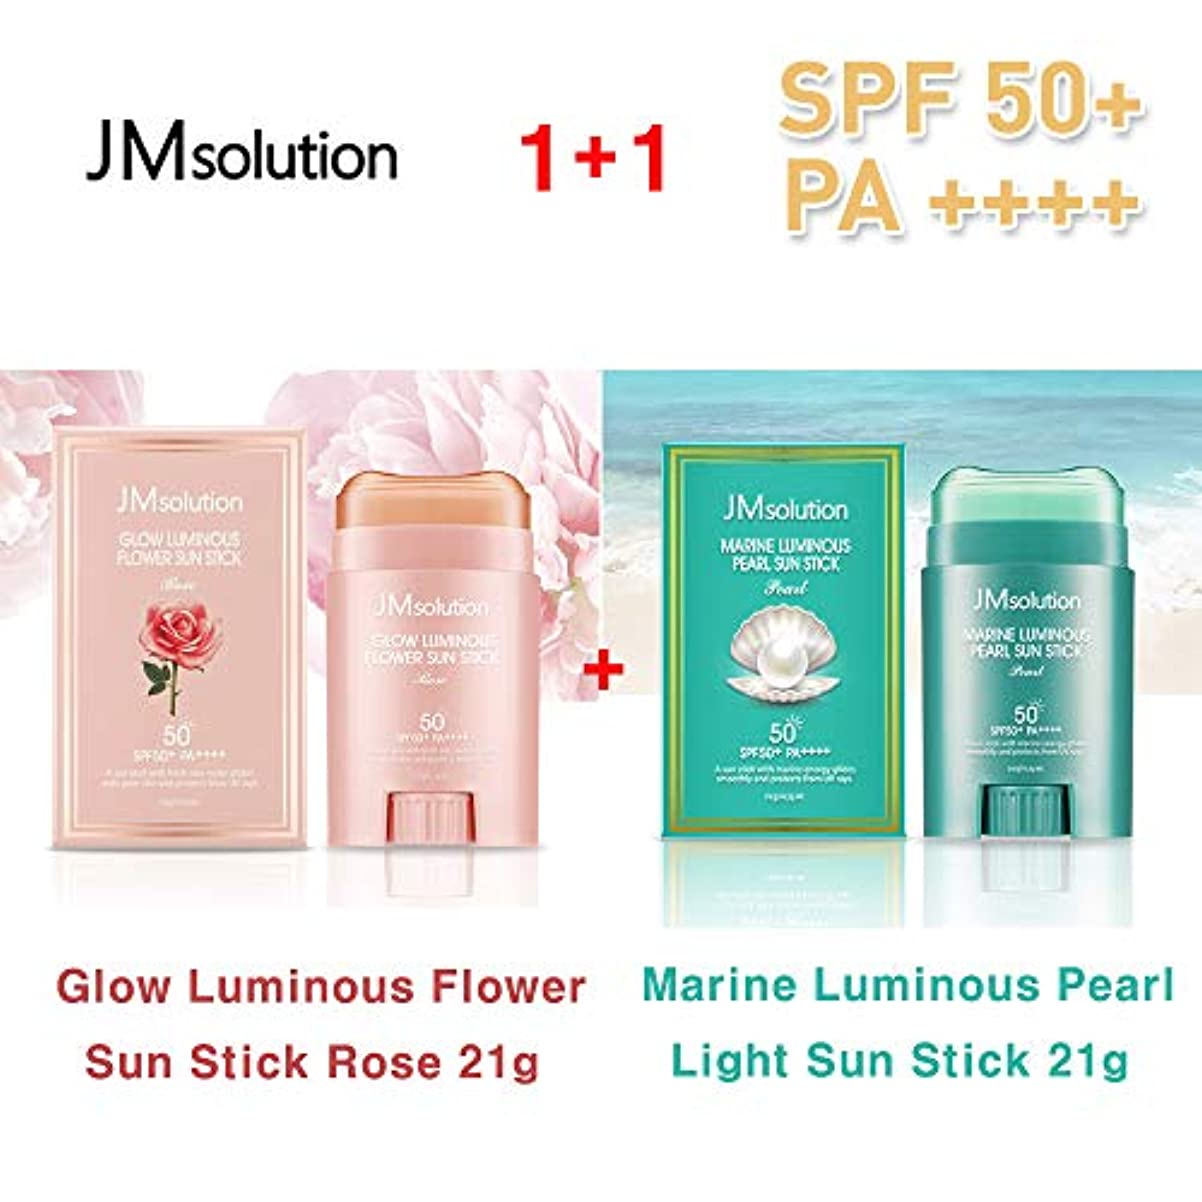 り粘液可能にするJM Solution ★1+1★ Glow Luminous Flower Sun Stick Rose 21g + Marine Luminous Pearl Light Sun Stick 21g / 光る輝く花Sun...